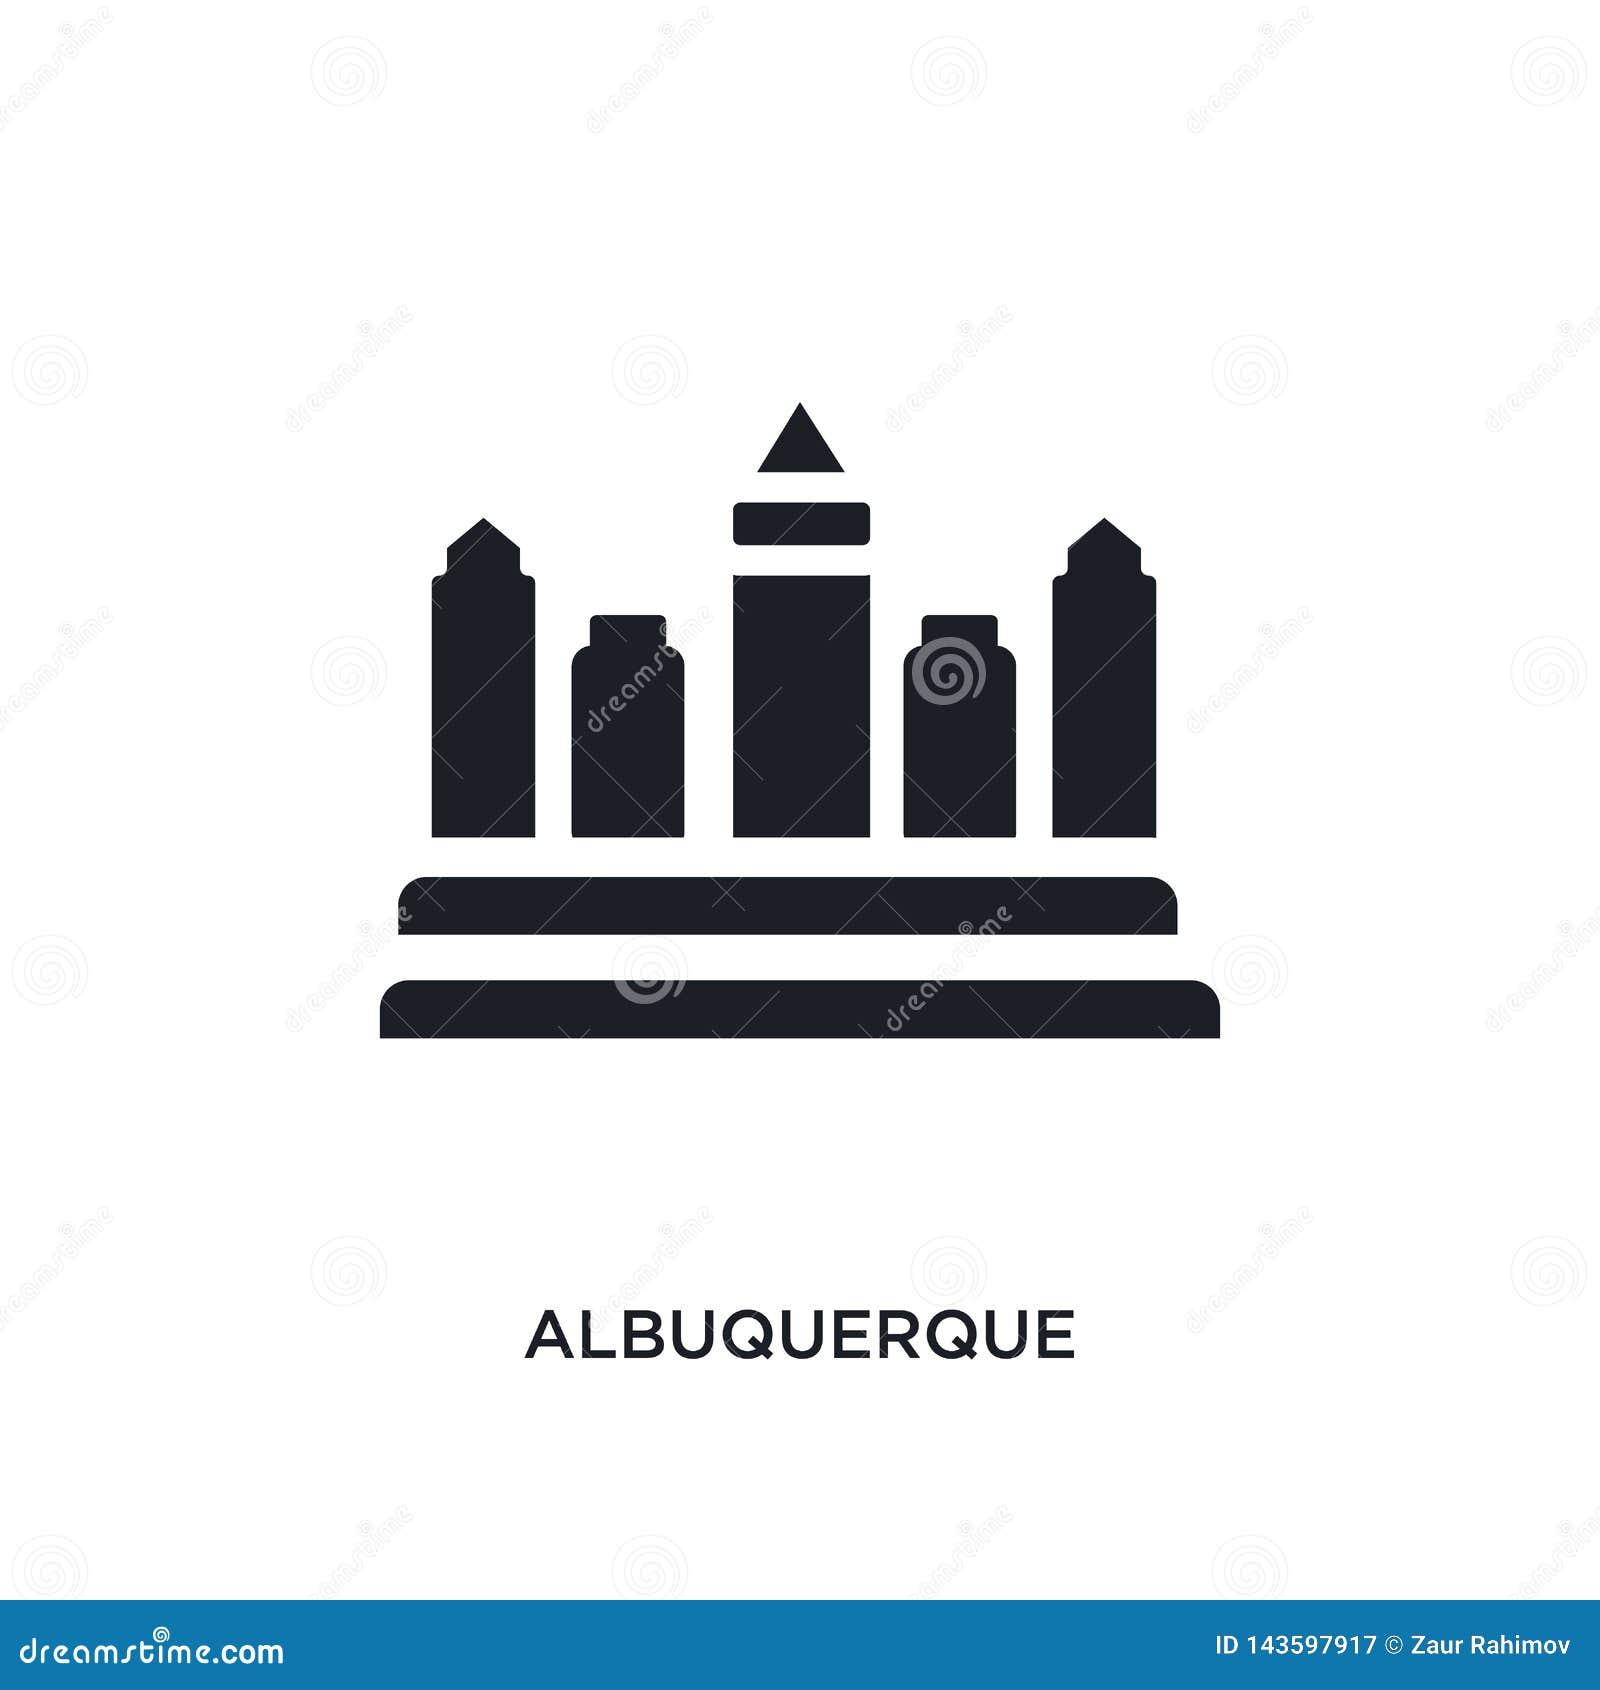 Albuquerque negra aisló el icono del vector ejemplo simple del elemento de iconos del vector del concepto de los Estados Unidos d